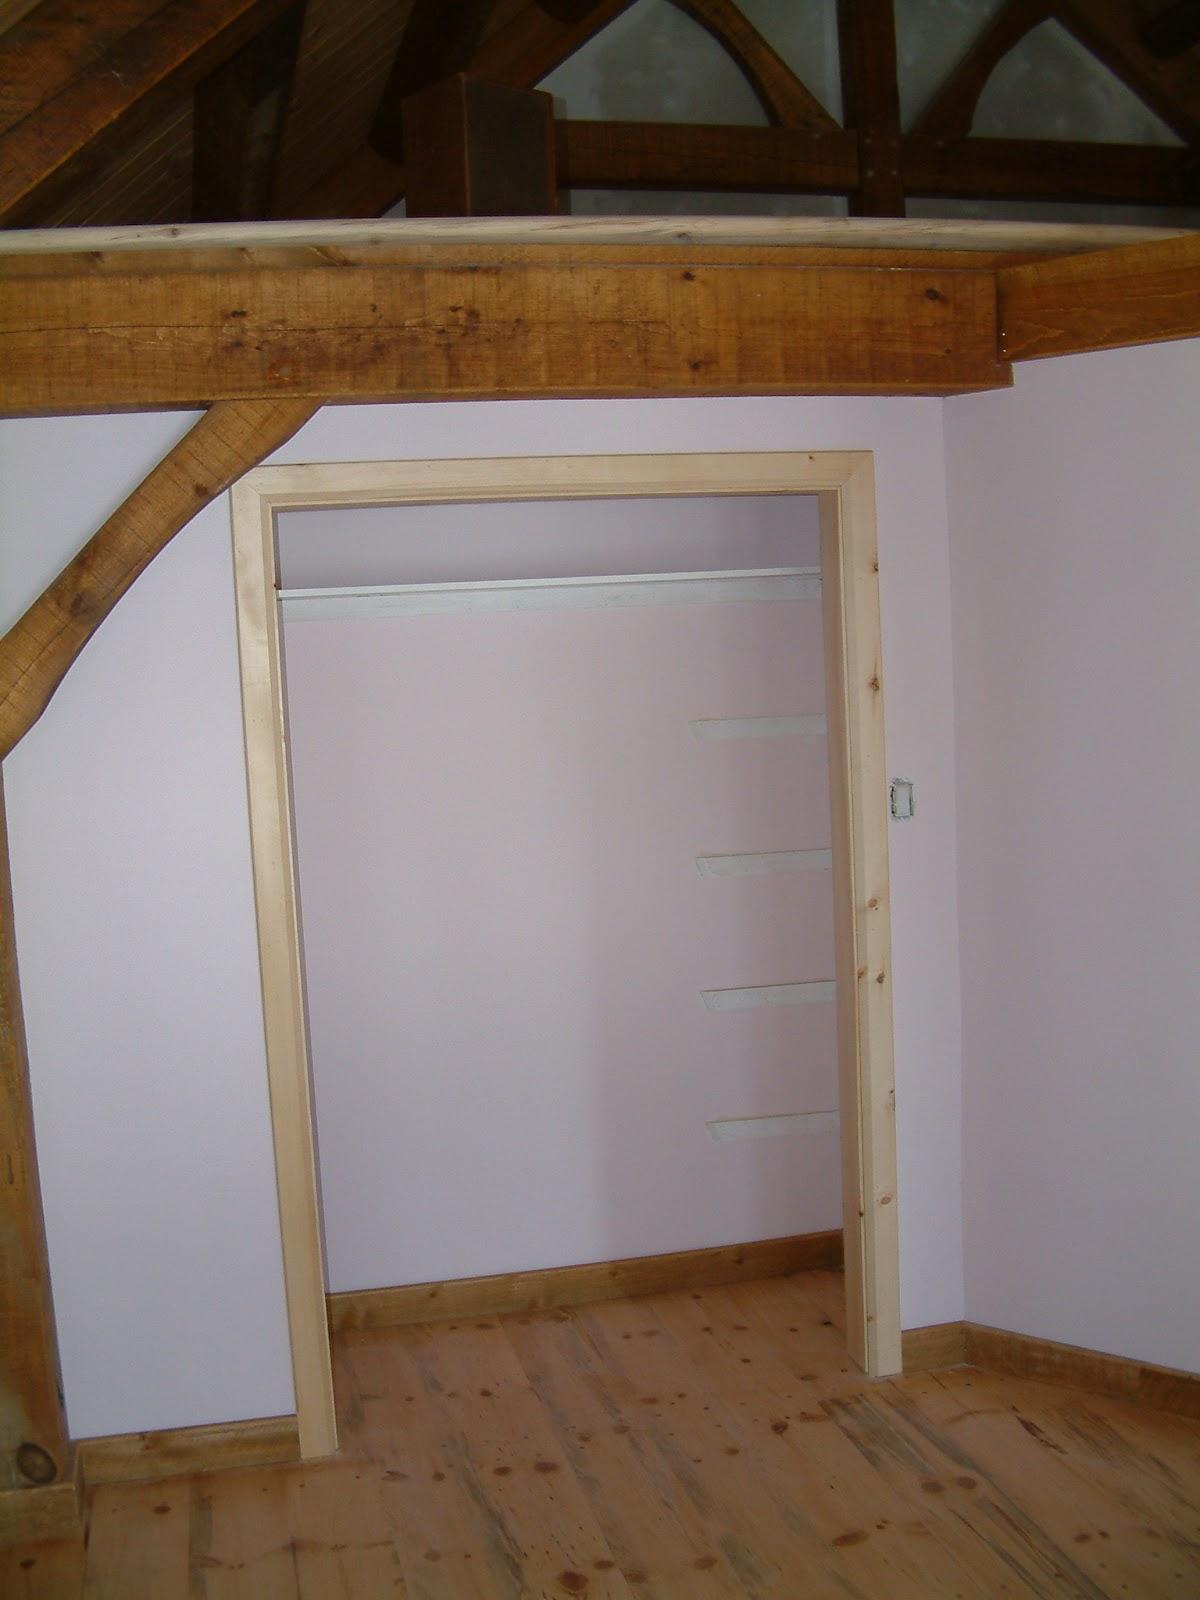 Le projet timber frame de c line et pierre timberframe for Cadre de fenetre